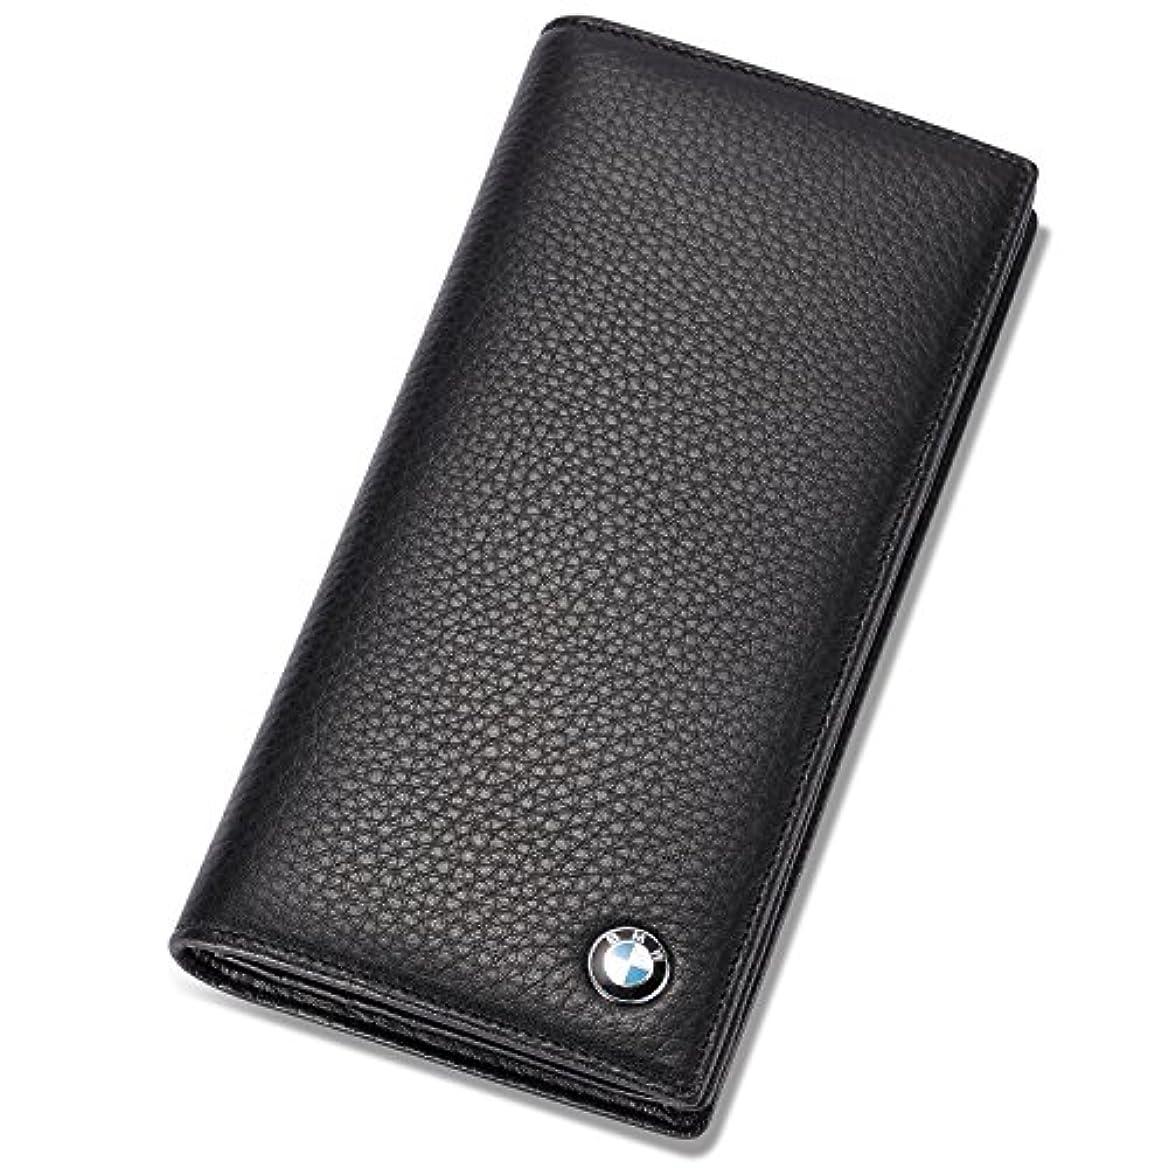 繰り返し写真を撮る名門BMW 二つ折り 長財布 クレジットカードスロット11枚とIDウィンドウ付き 本革